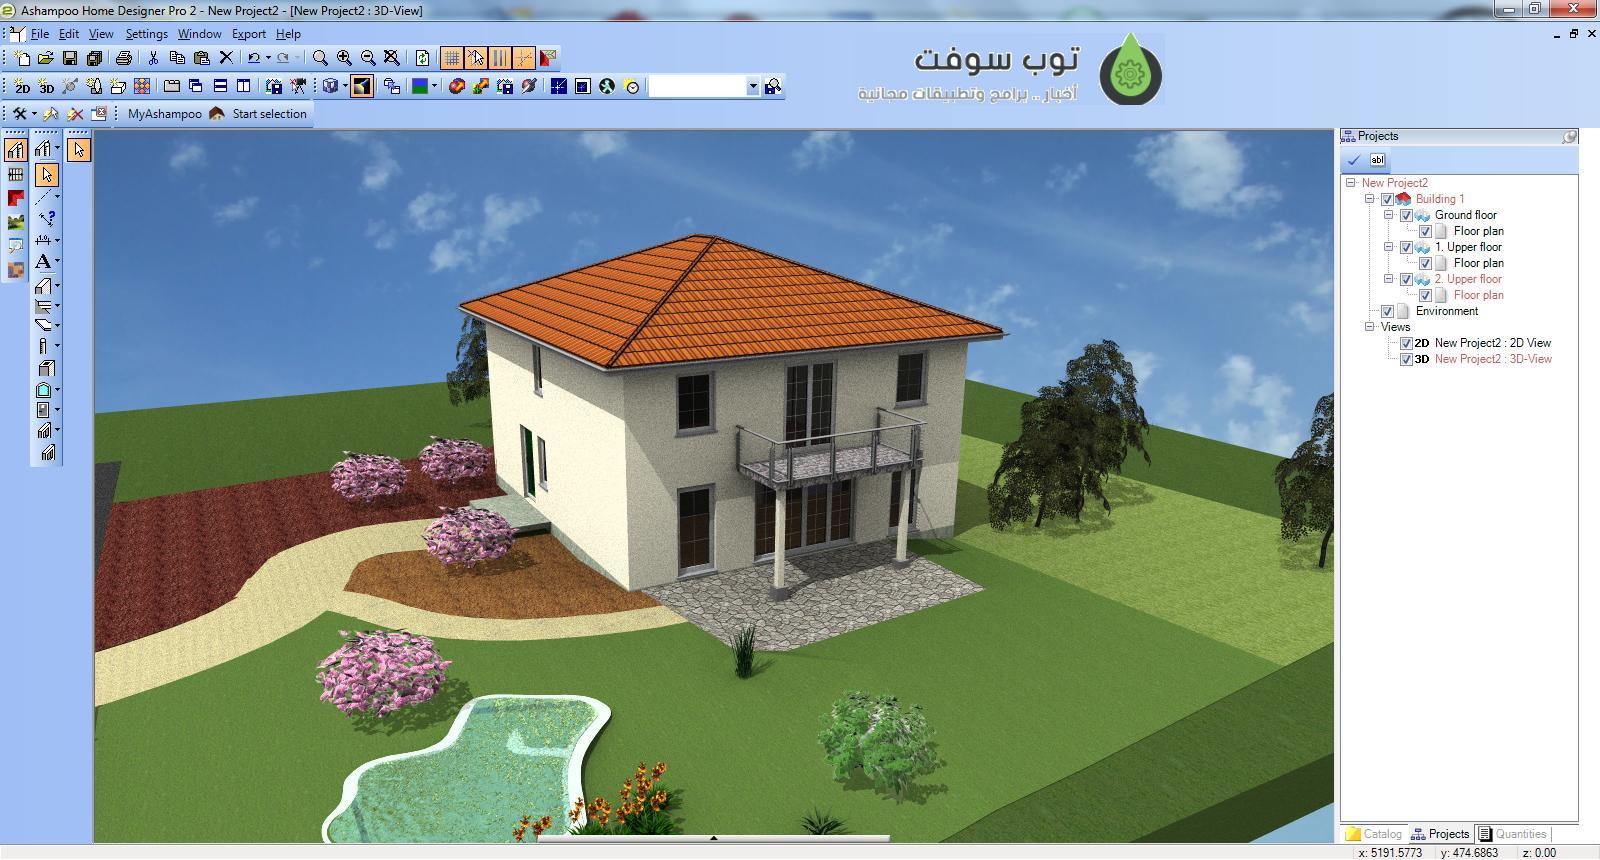 ashampoo home designer pro. Black Bedroom Furniture Sets. Home Design Ideas